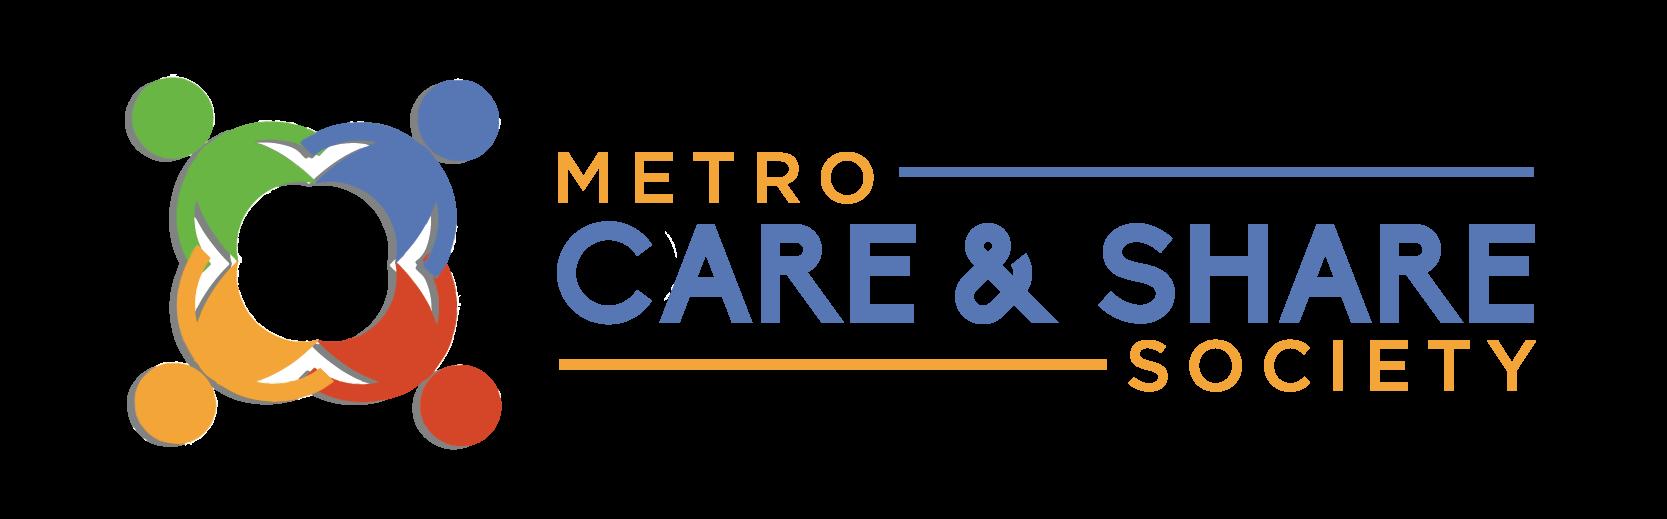 Metro Care and Share Society Logo